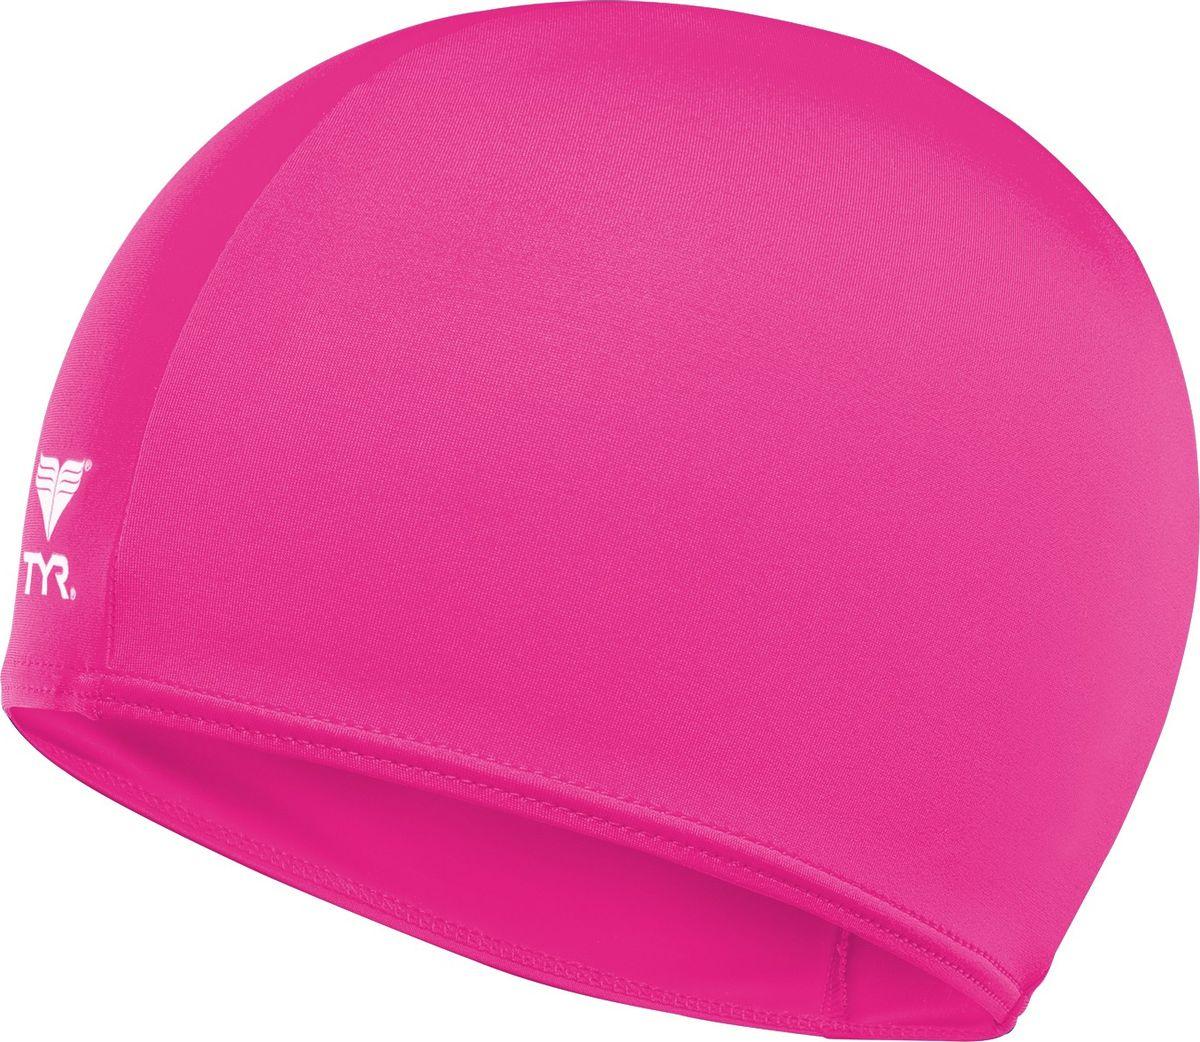 Шапочка для плавания Tyr Solid Lycra Cap, цвет: розовый. LCY рюкзак tyr alliance 45l backpack цвет розовый черный latbp45